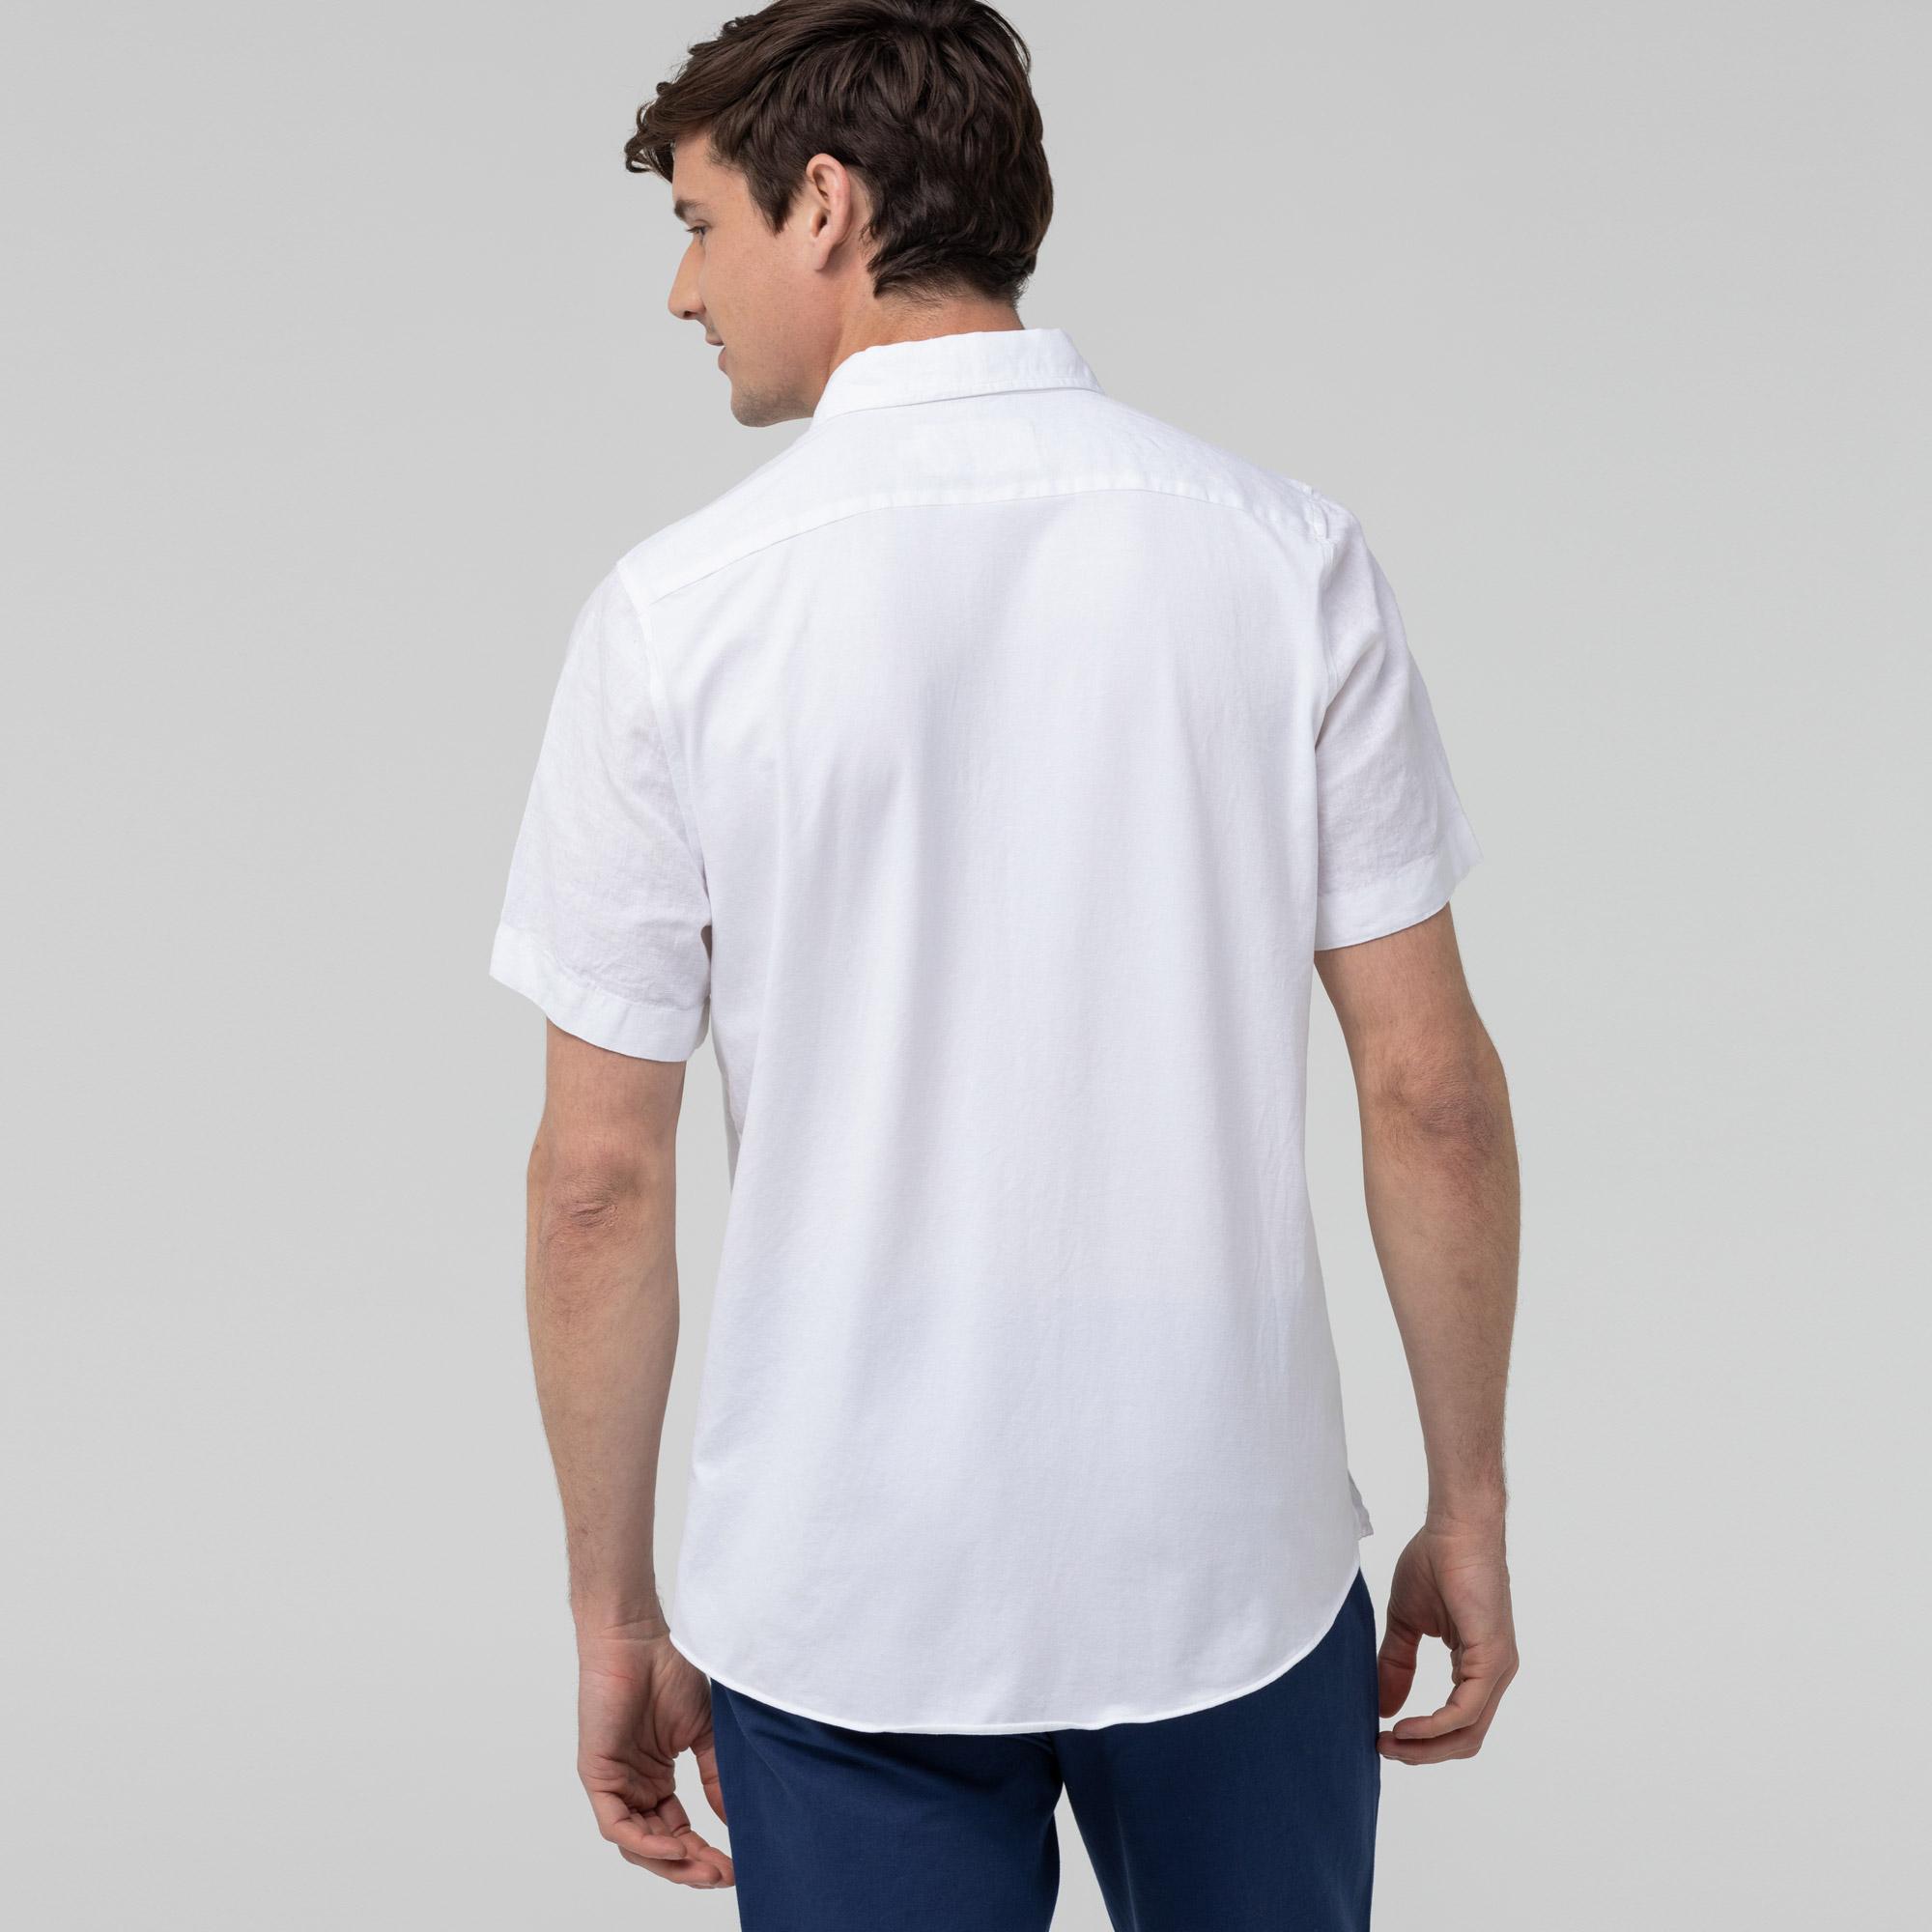 Lacoste Erkek Slim Fit Keten Beyaz Kısa Kollu Gömlek